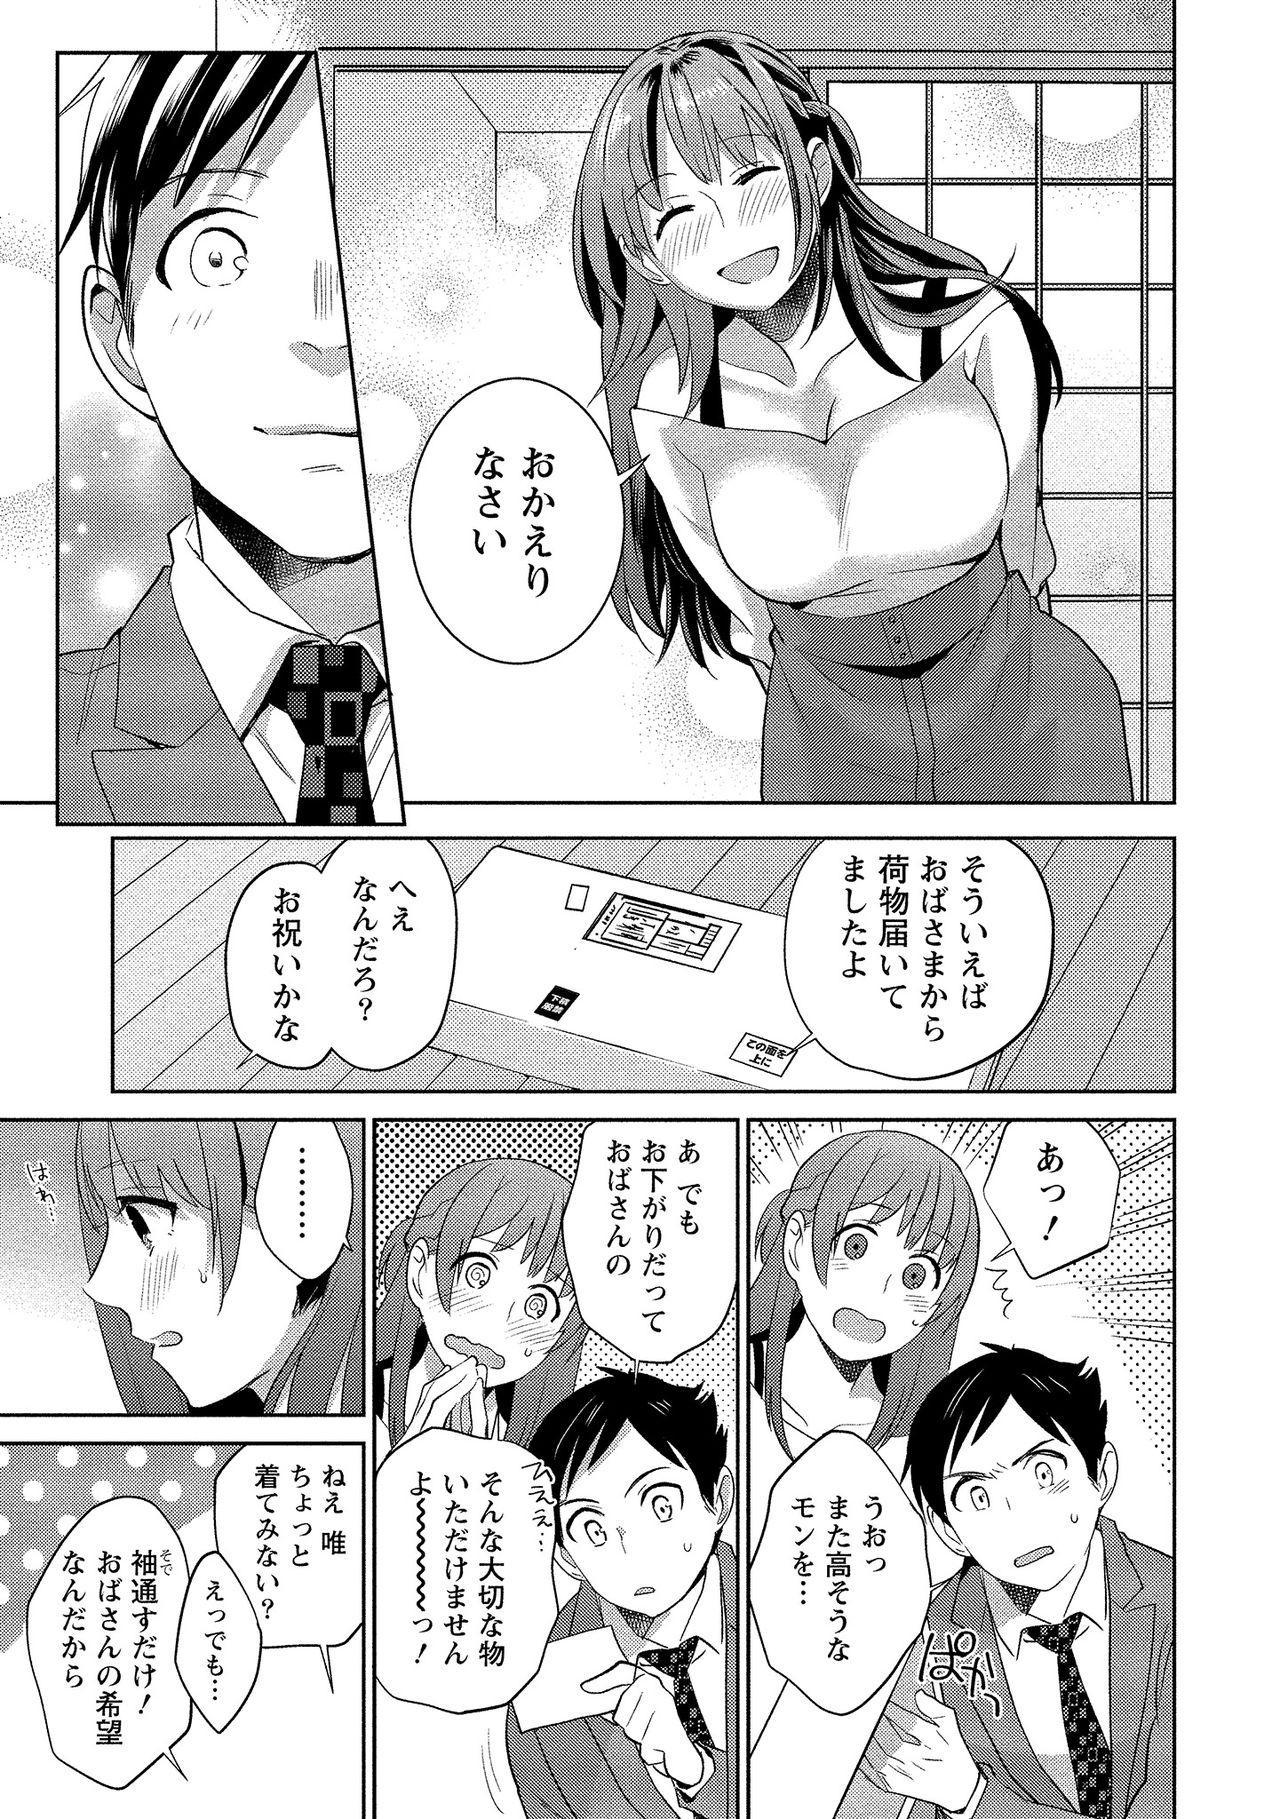 Dorobou Neko wa Kanojo no Hajimari 223